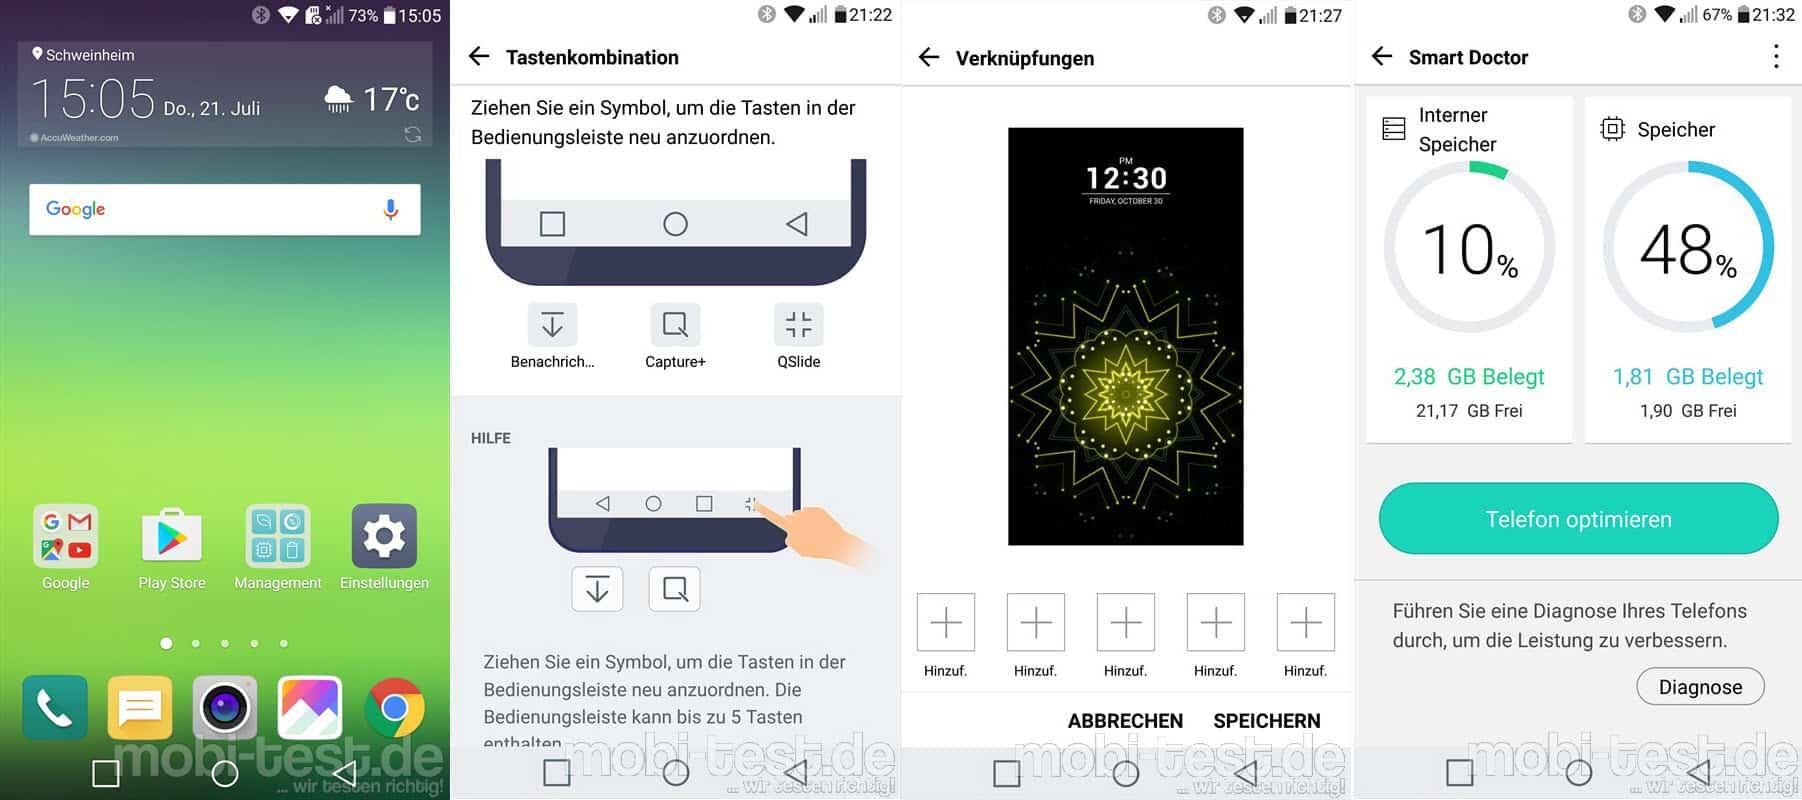 LG G5 Screenshots (50)